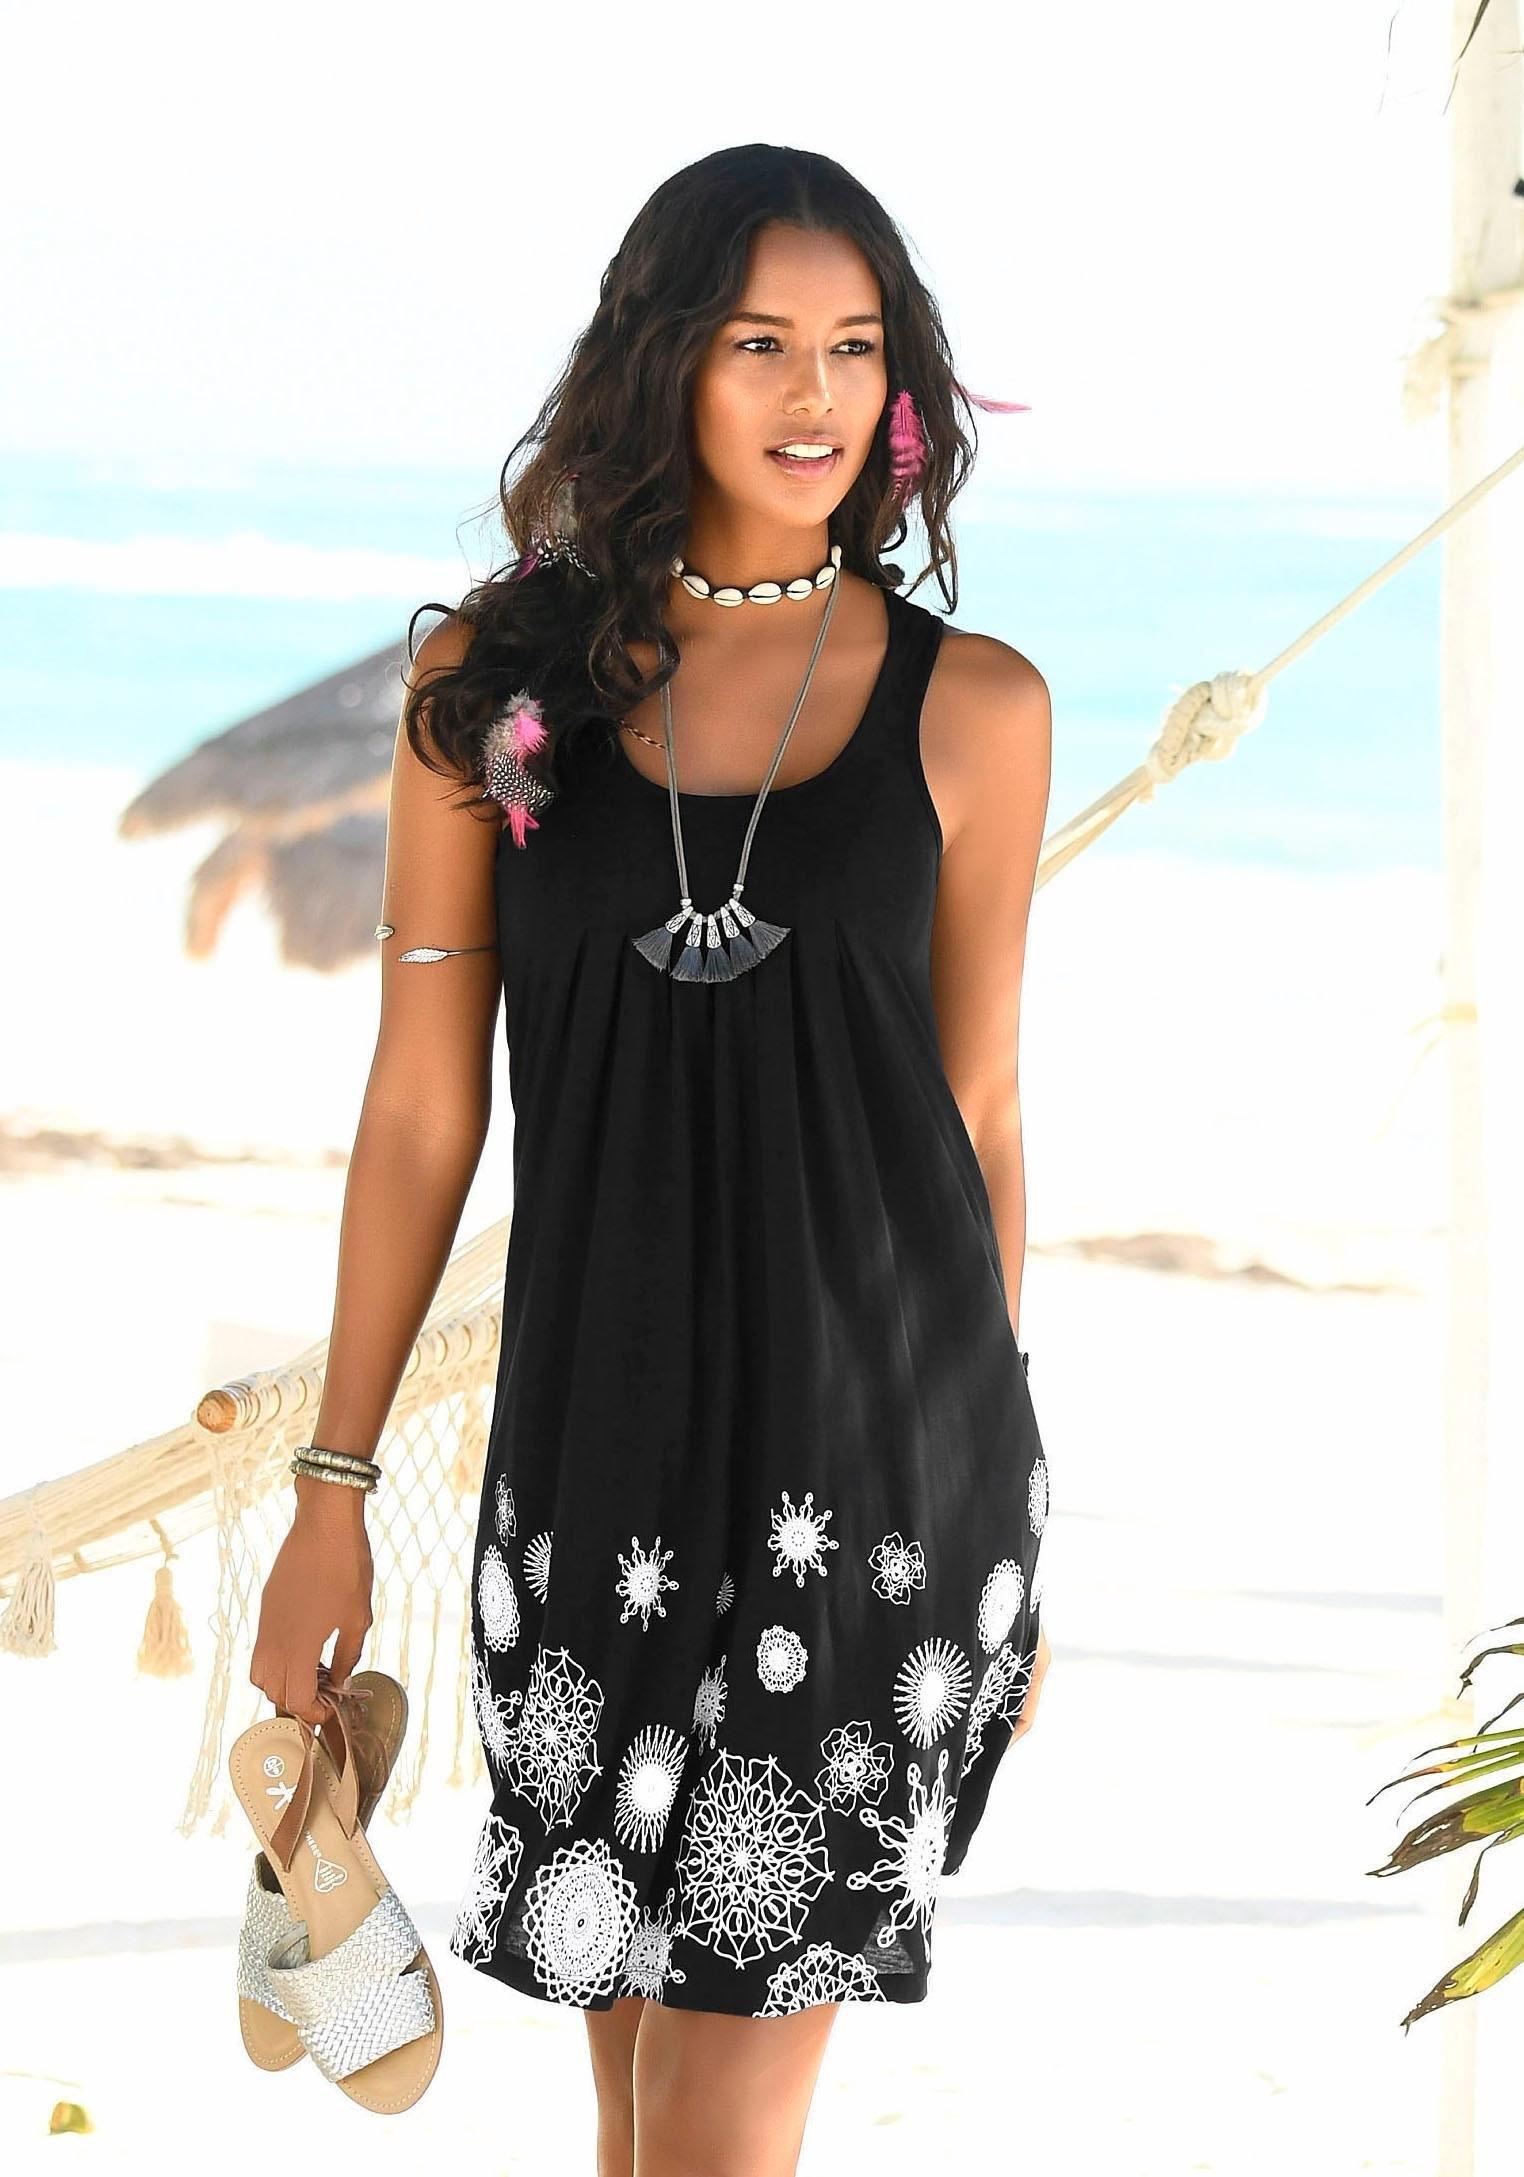 Beachtime strandjurk voordelig en veilig online kopen